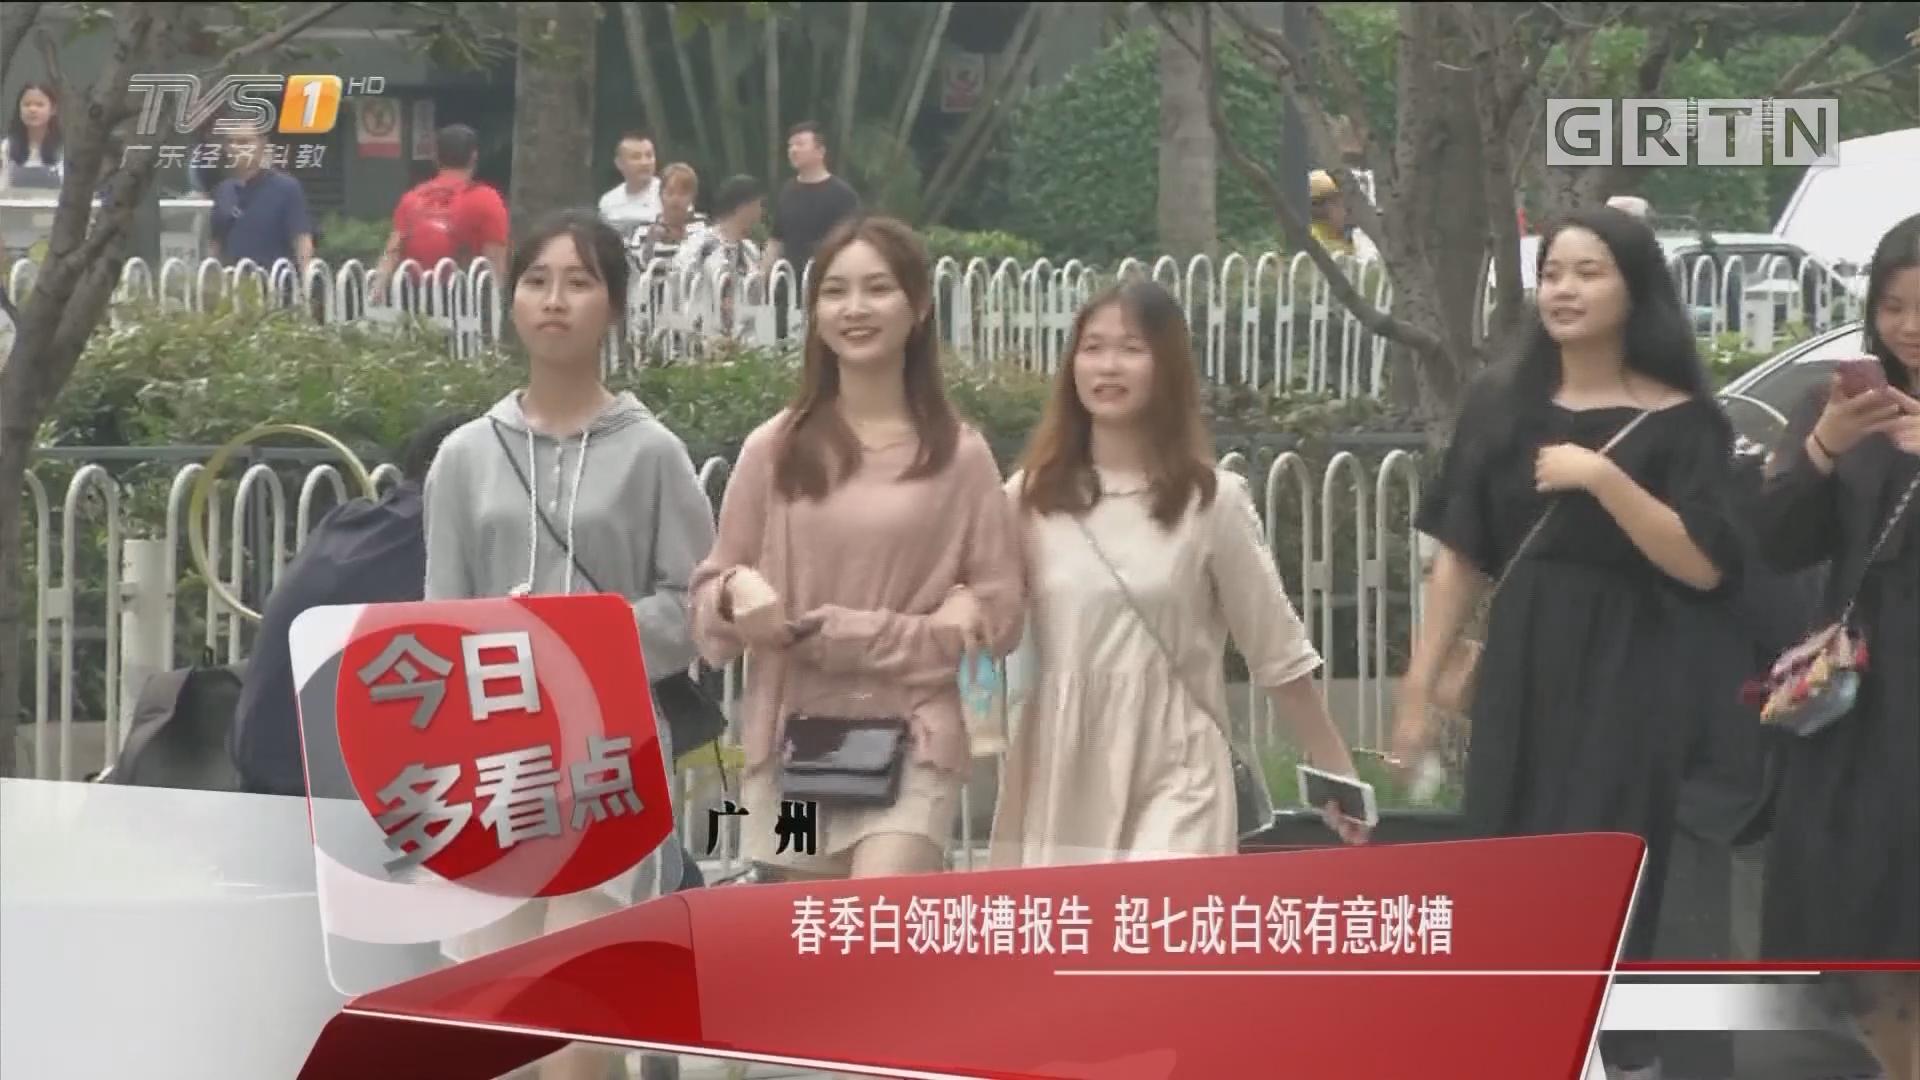 广州:春季白领跳槽报告 超七成白领有意跳槽